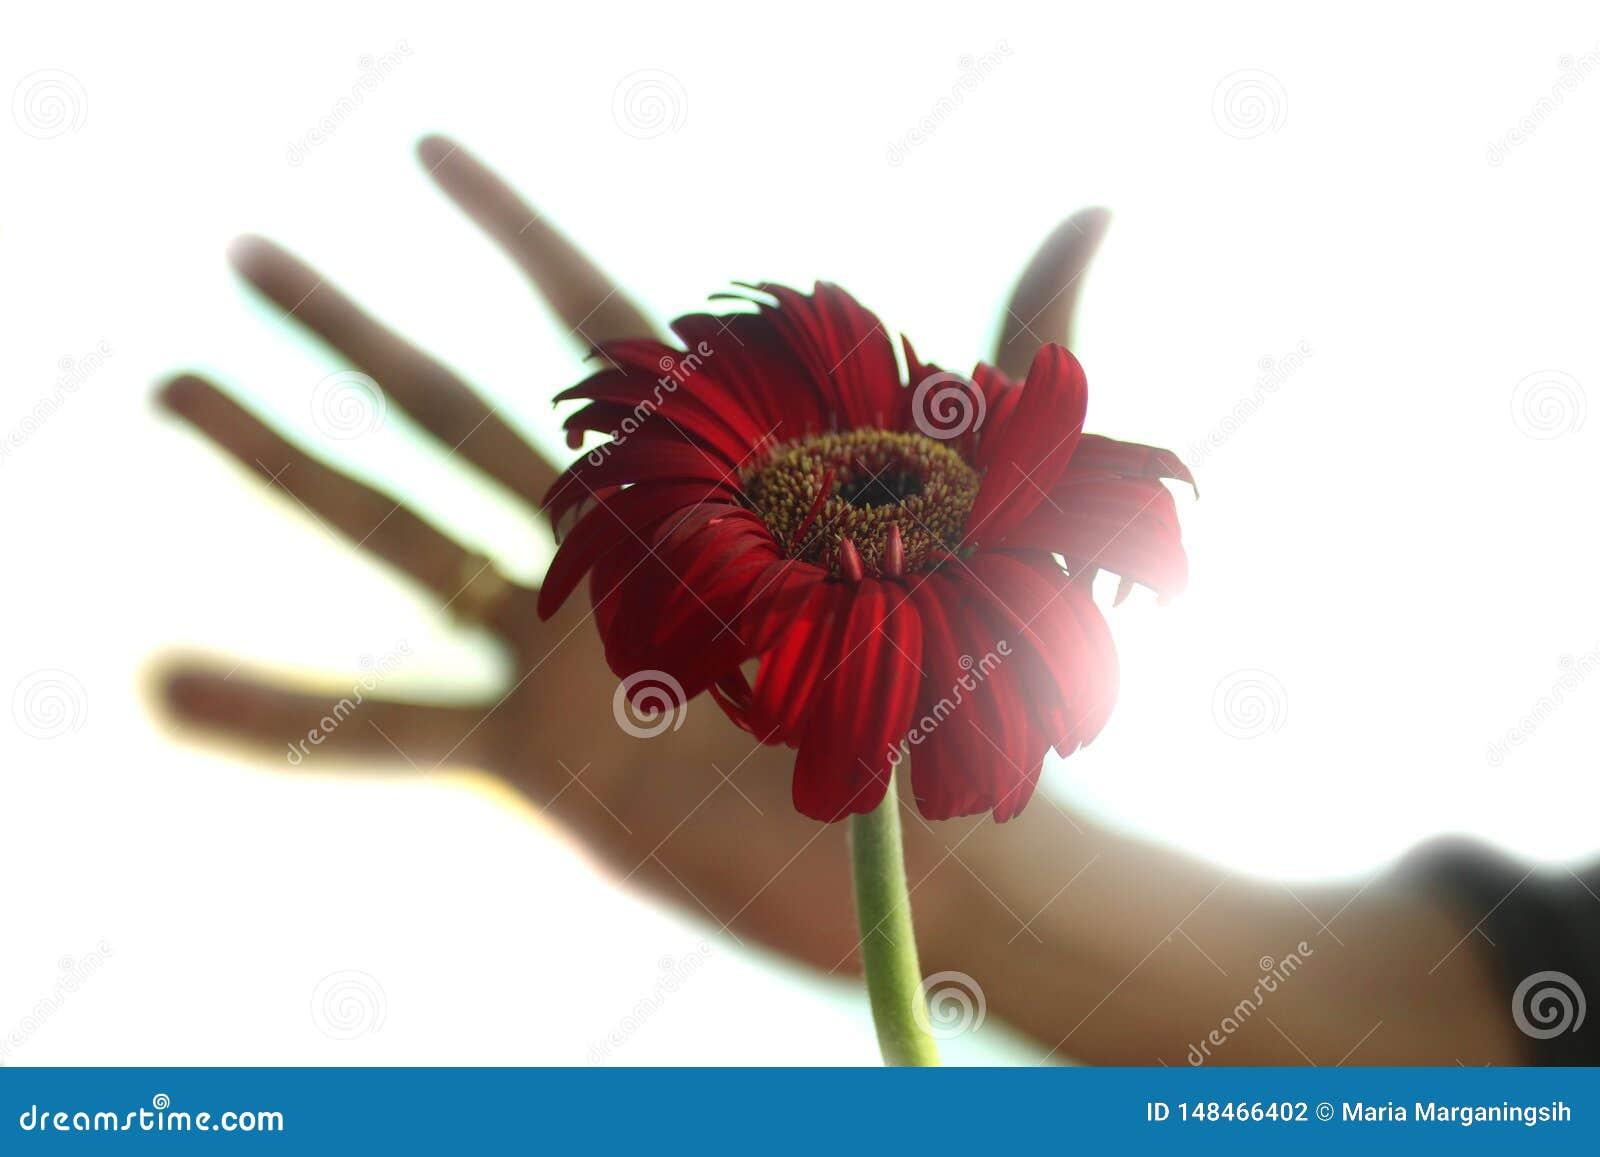 Une image abstraite d une belle fleur rouge de t?te de fleur de gerbera avec une main humaine trouble essayant ? la tenir